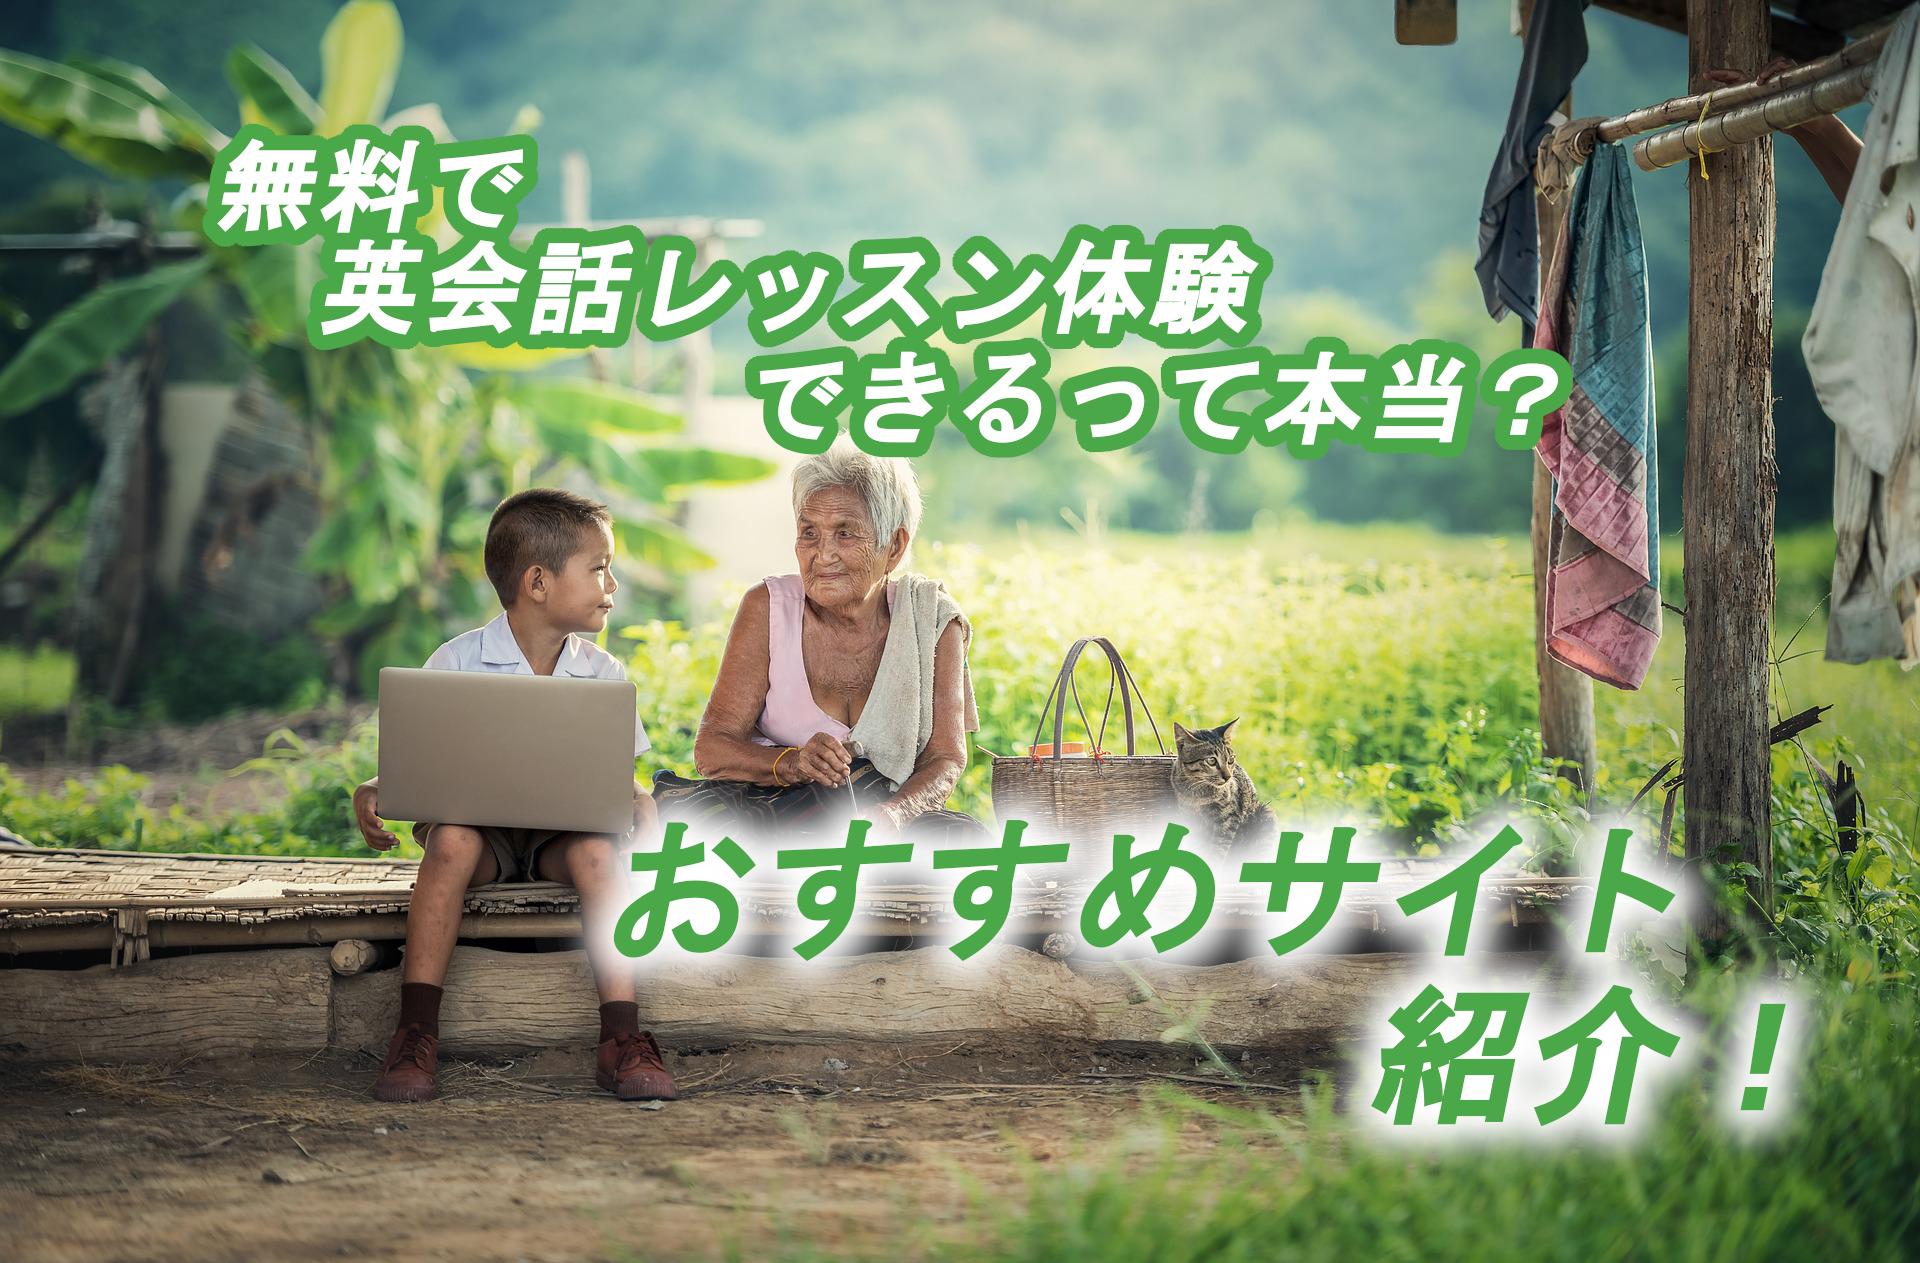 無料英会話レッスン体験ができるサイト紹介!